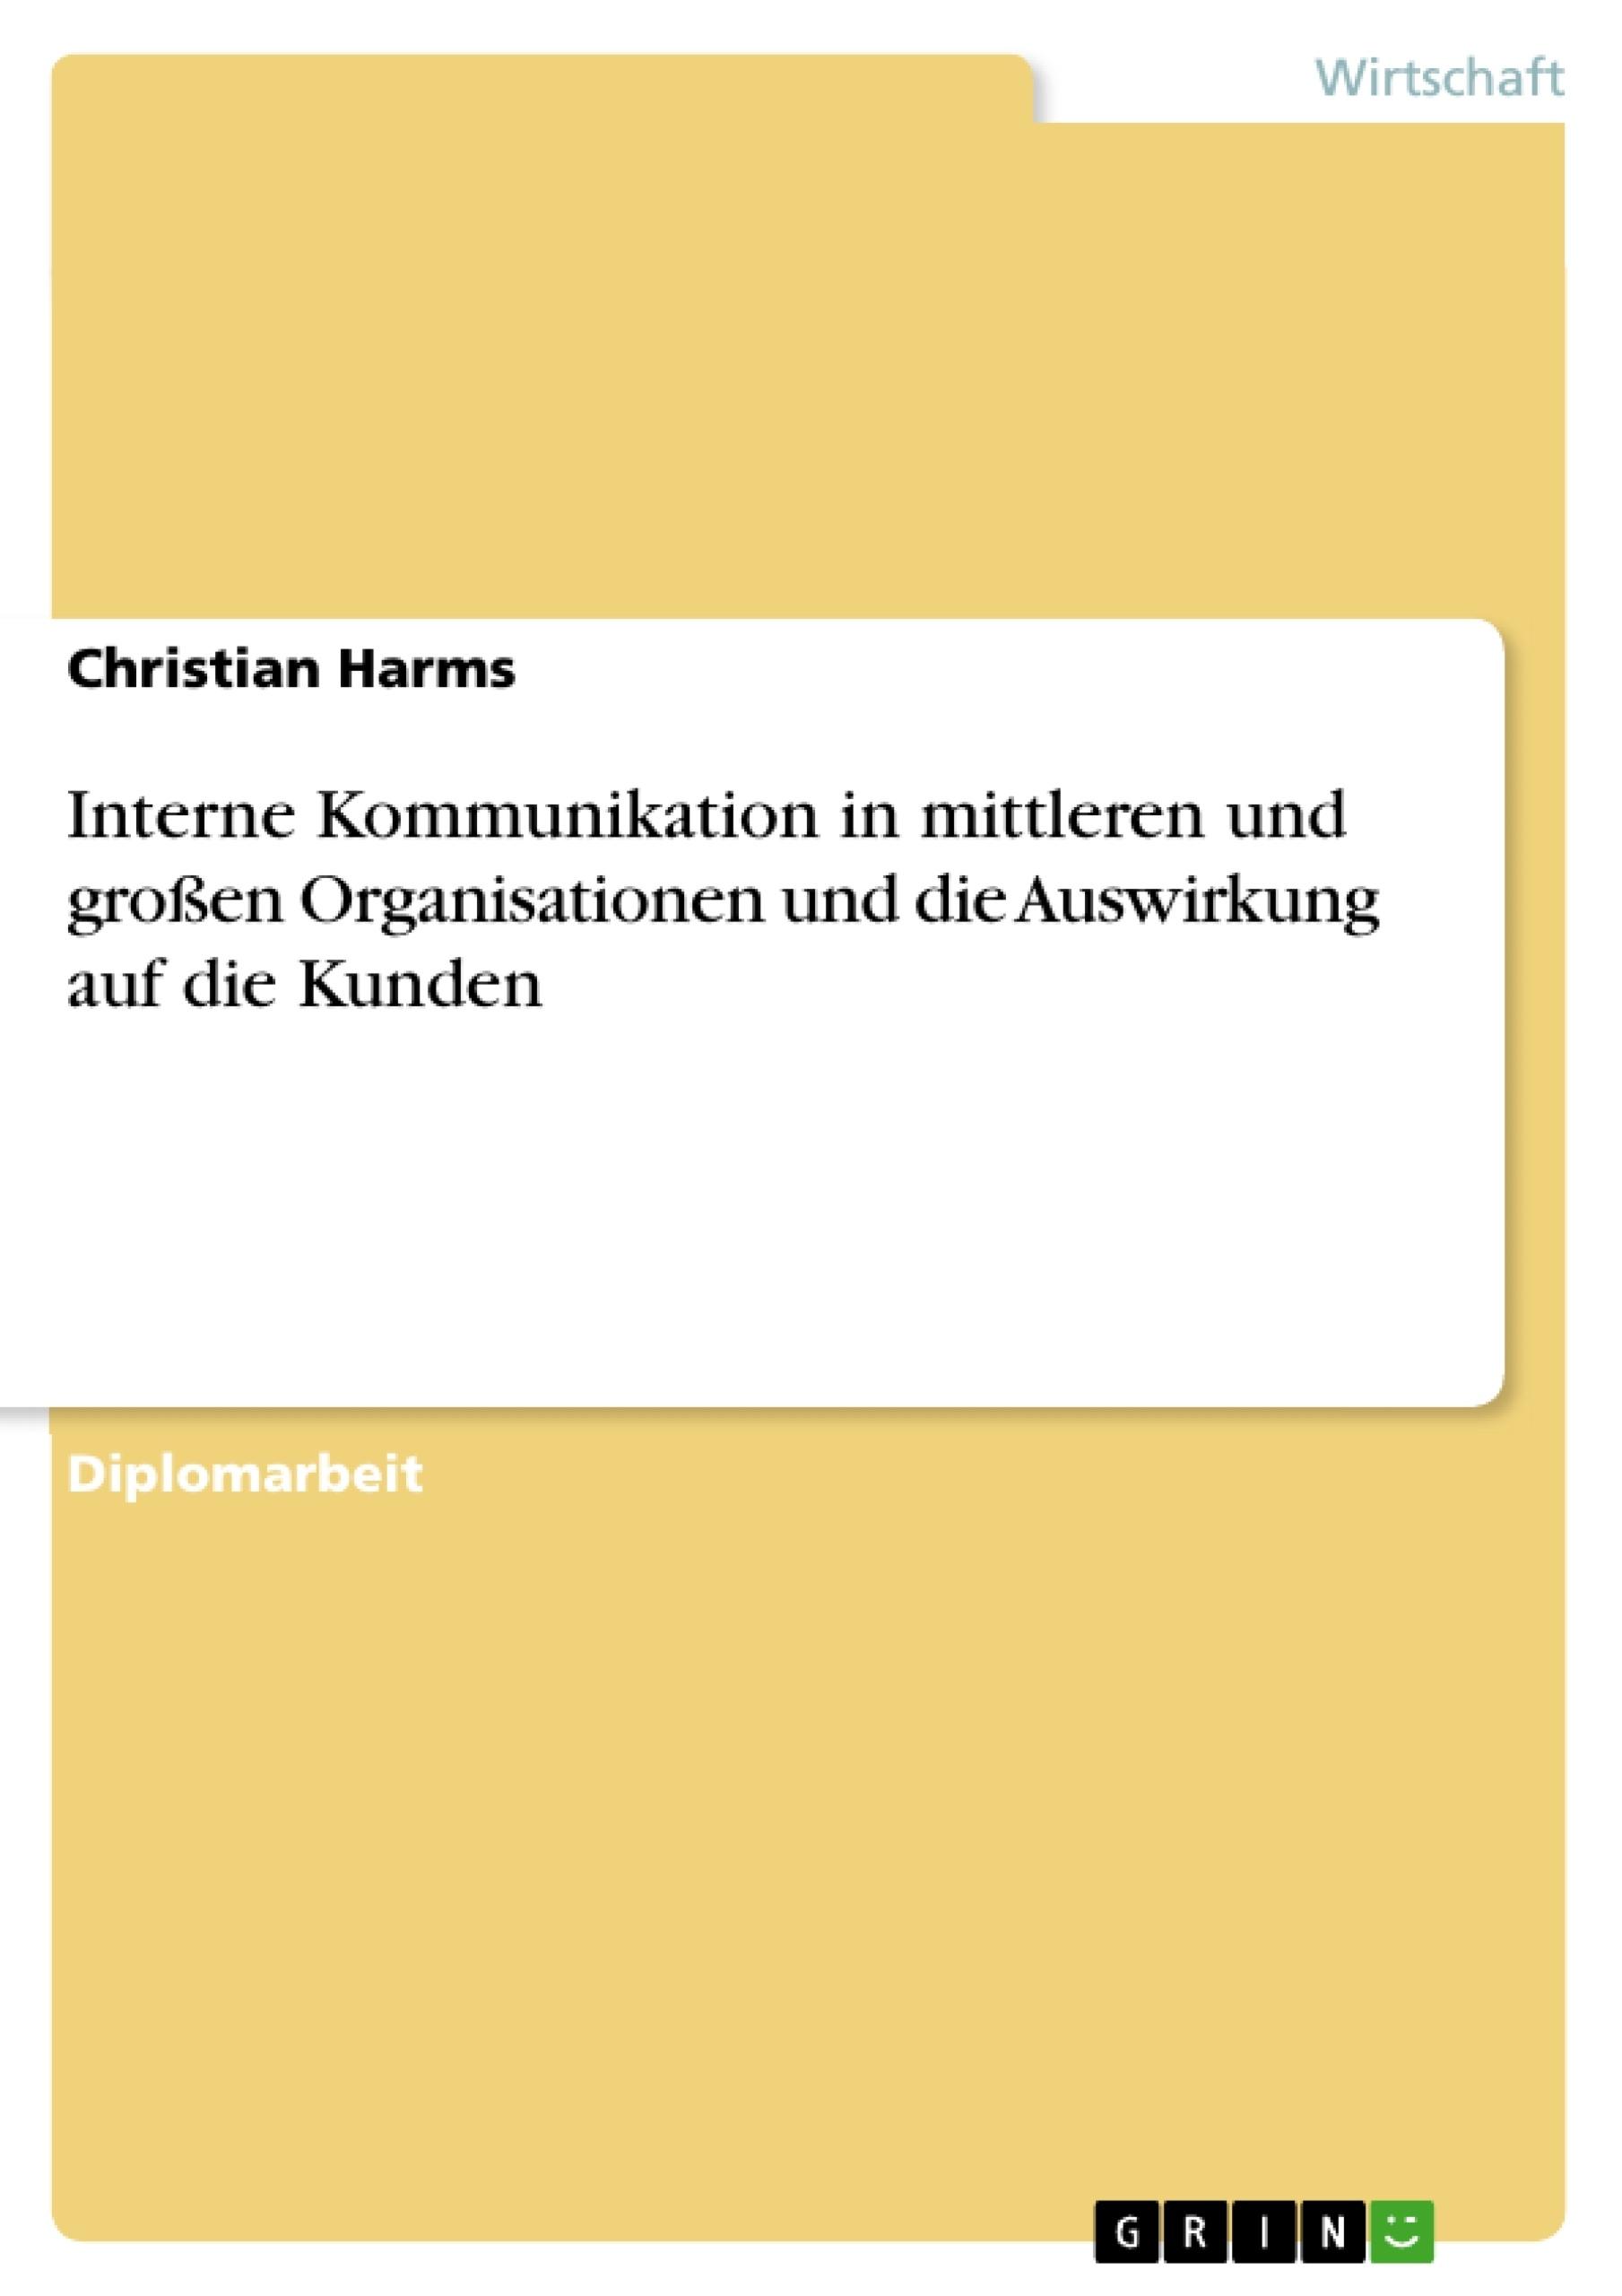 Titel: Interne Kommunikation in mittleren und großen Organisationen und die Auswirkung auf die Kunden